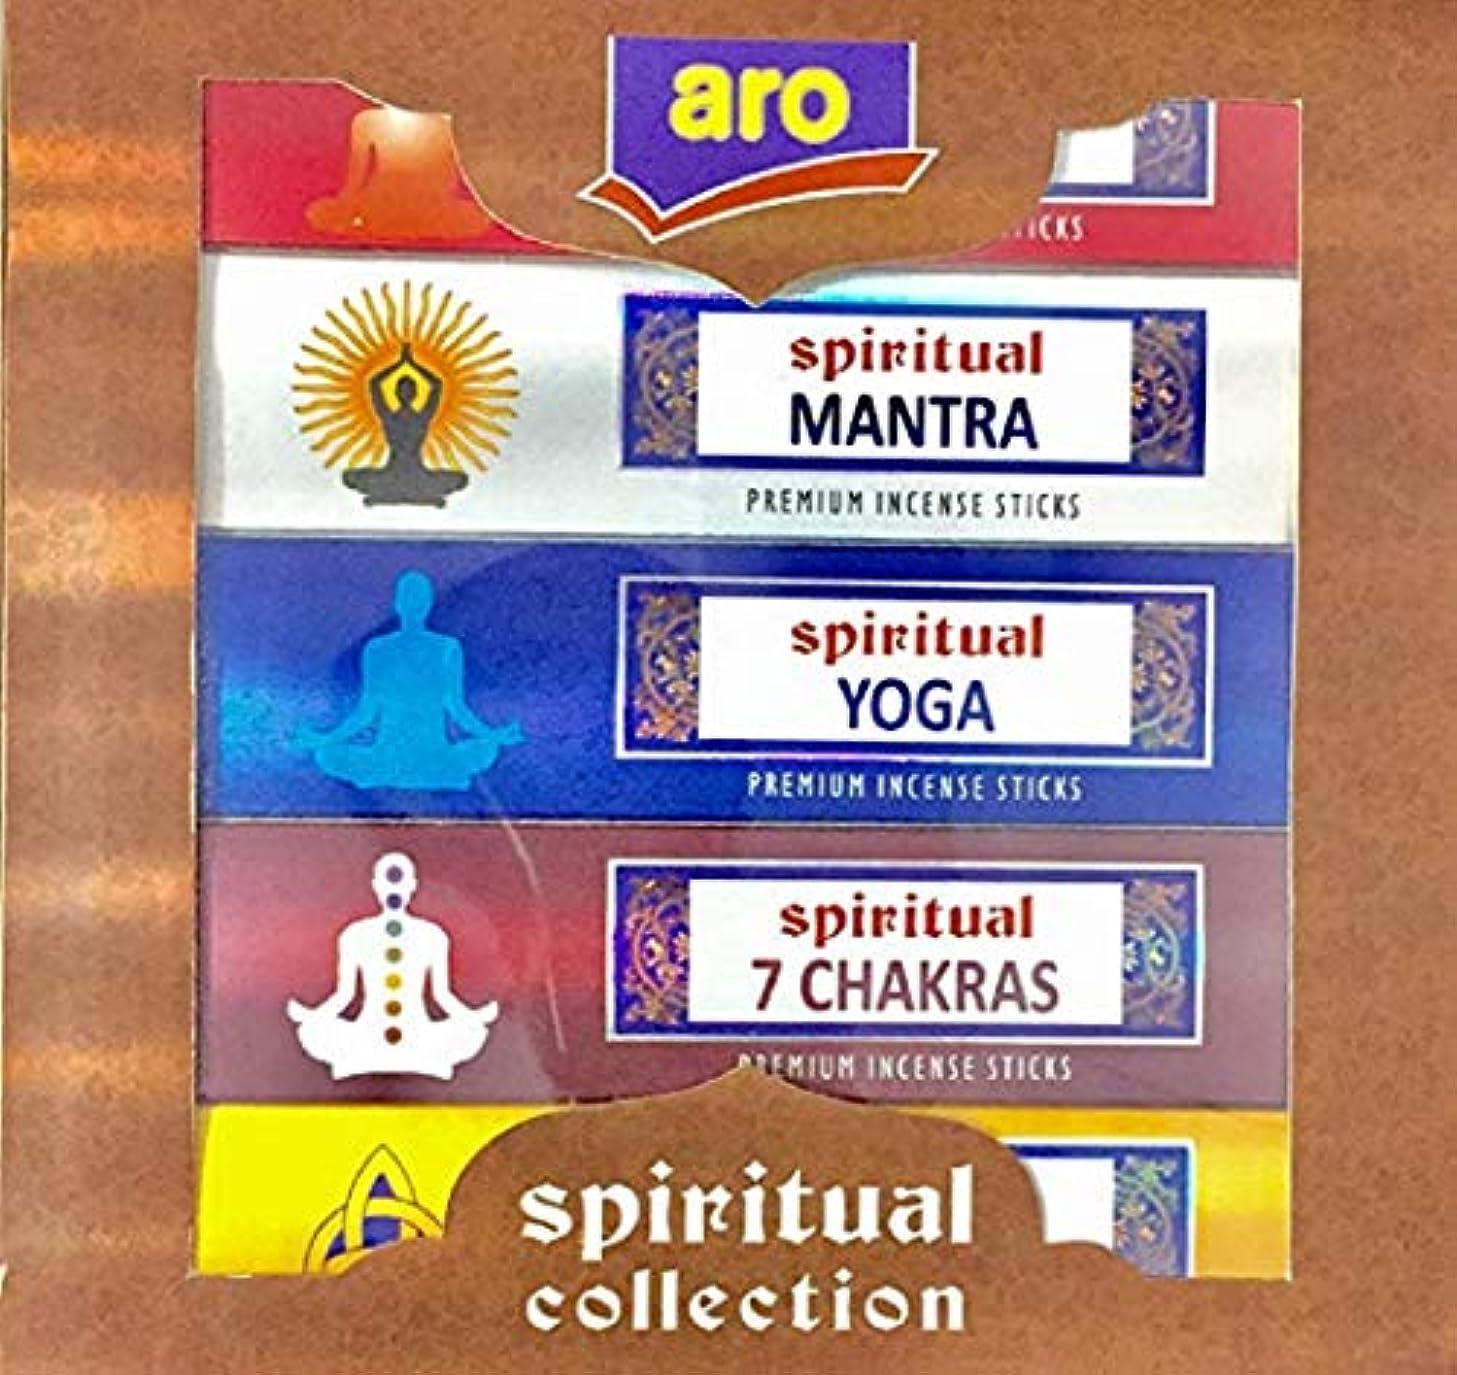 がんばり続ける特徴づける告白Aro – SpiritualコレクションプレミアムIncense Sticks – Spiritual Guru、Spiritual Mantra Spiritualヨガ、Spiritual、7チャクラ、& Spiritual...